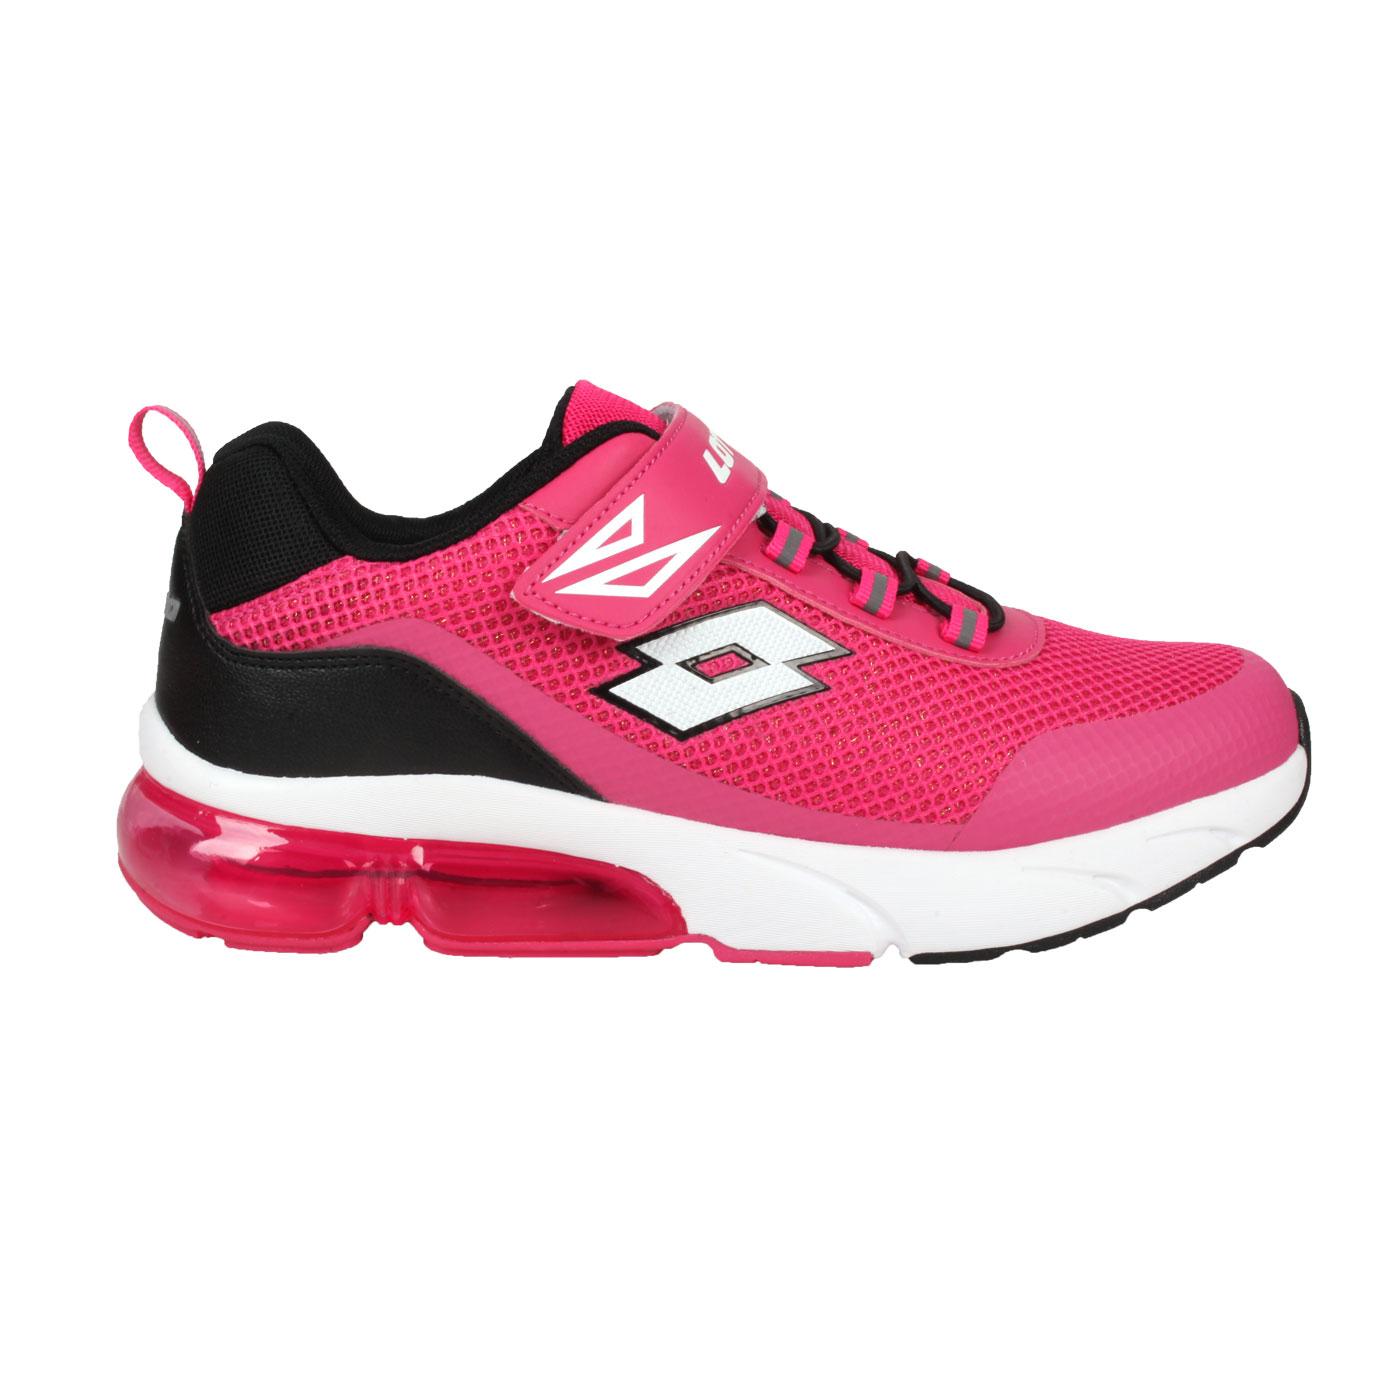 LOTTO 女款閃耀氣墊跑鞋 LT1AKR3073